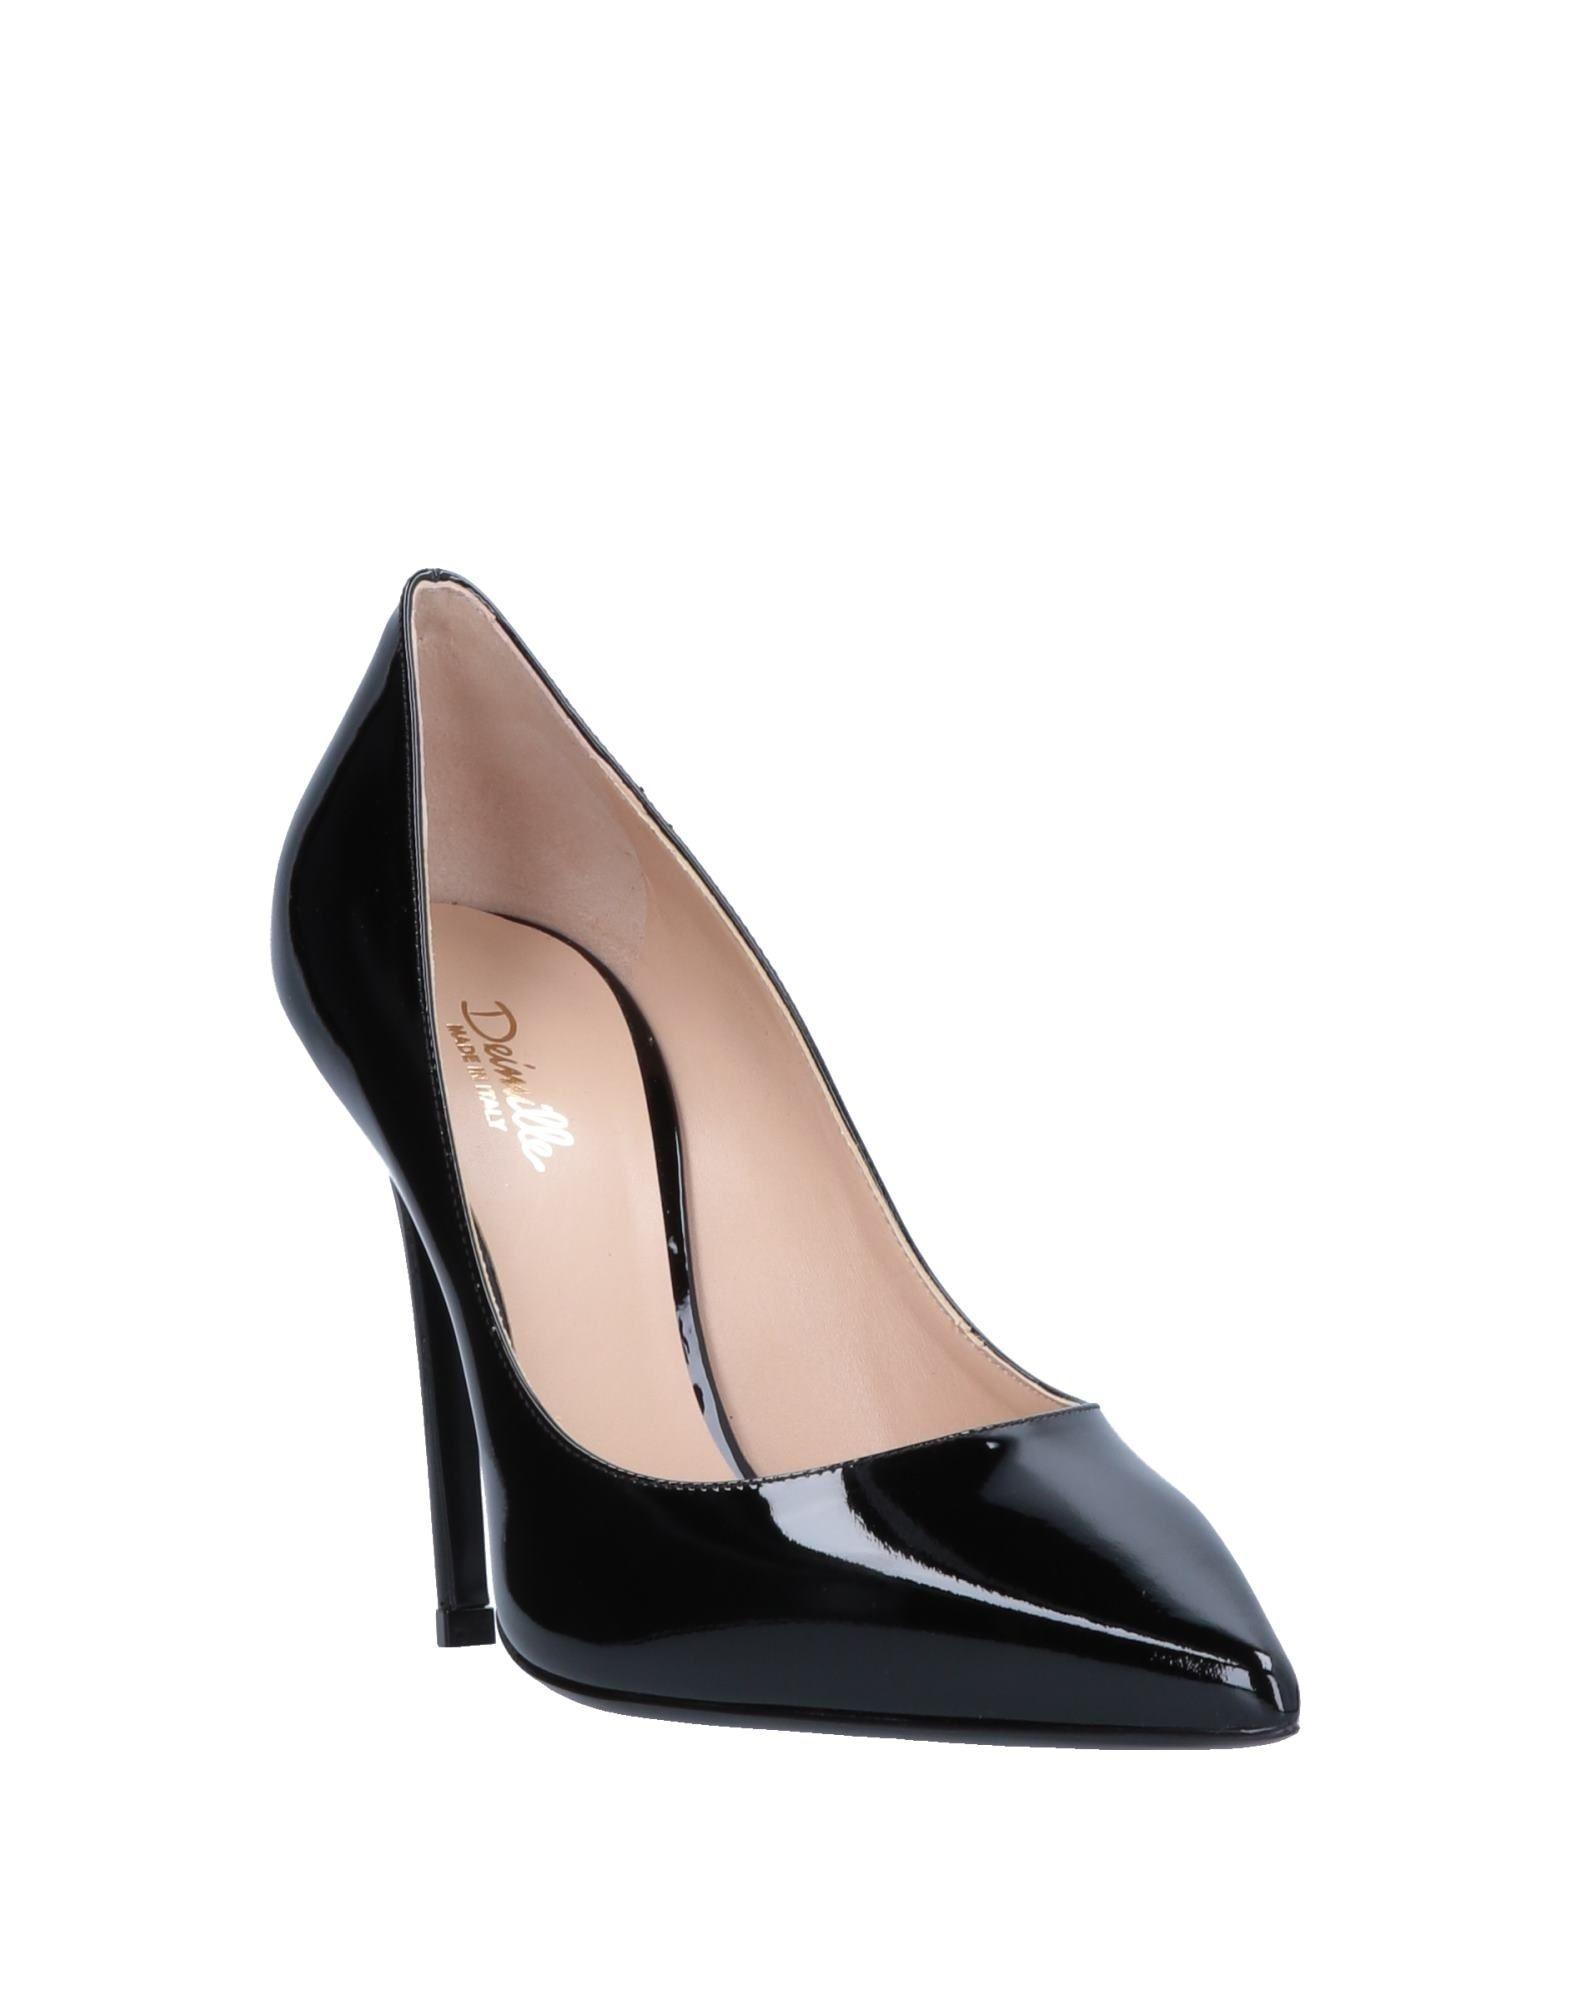 Stilvolle billige Schuhe Damen Deimille Pumps Damen Schuhe  11224596JT 6c119d